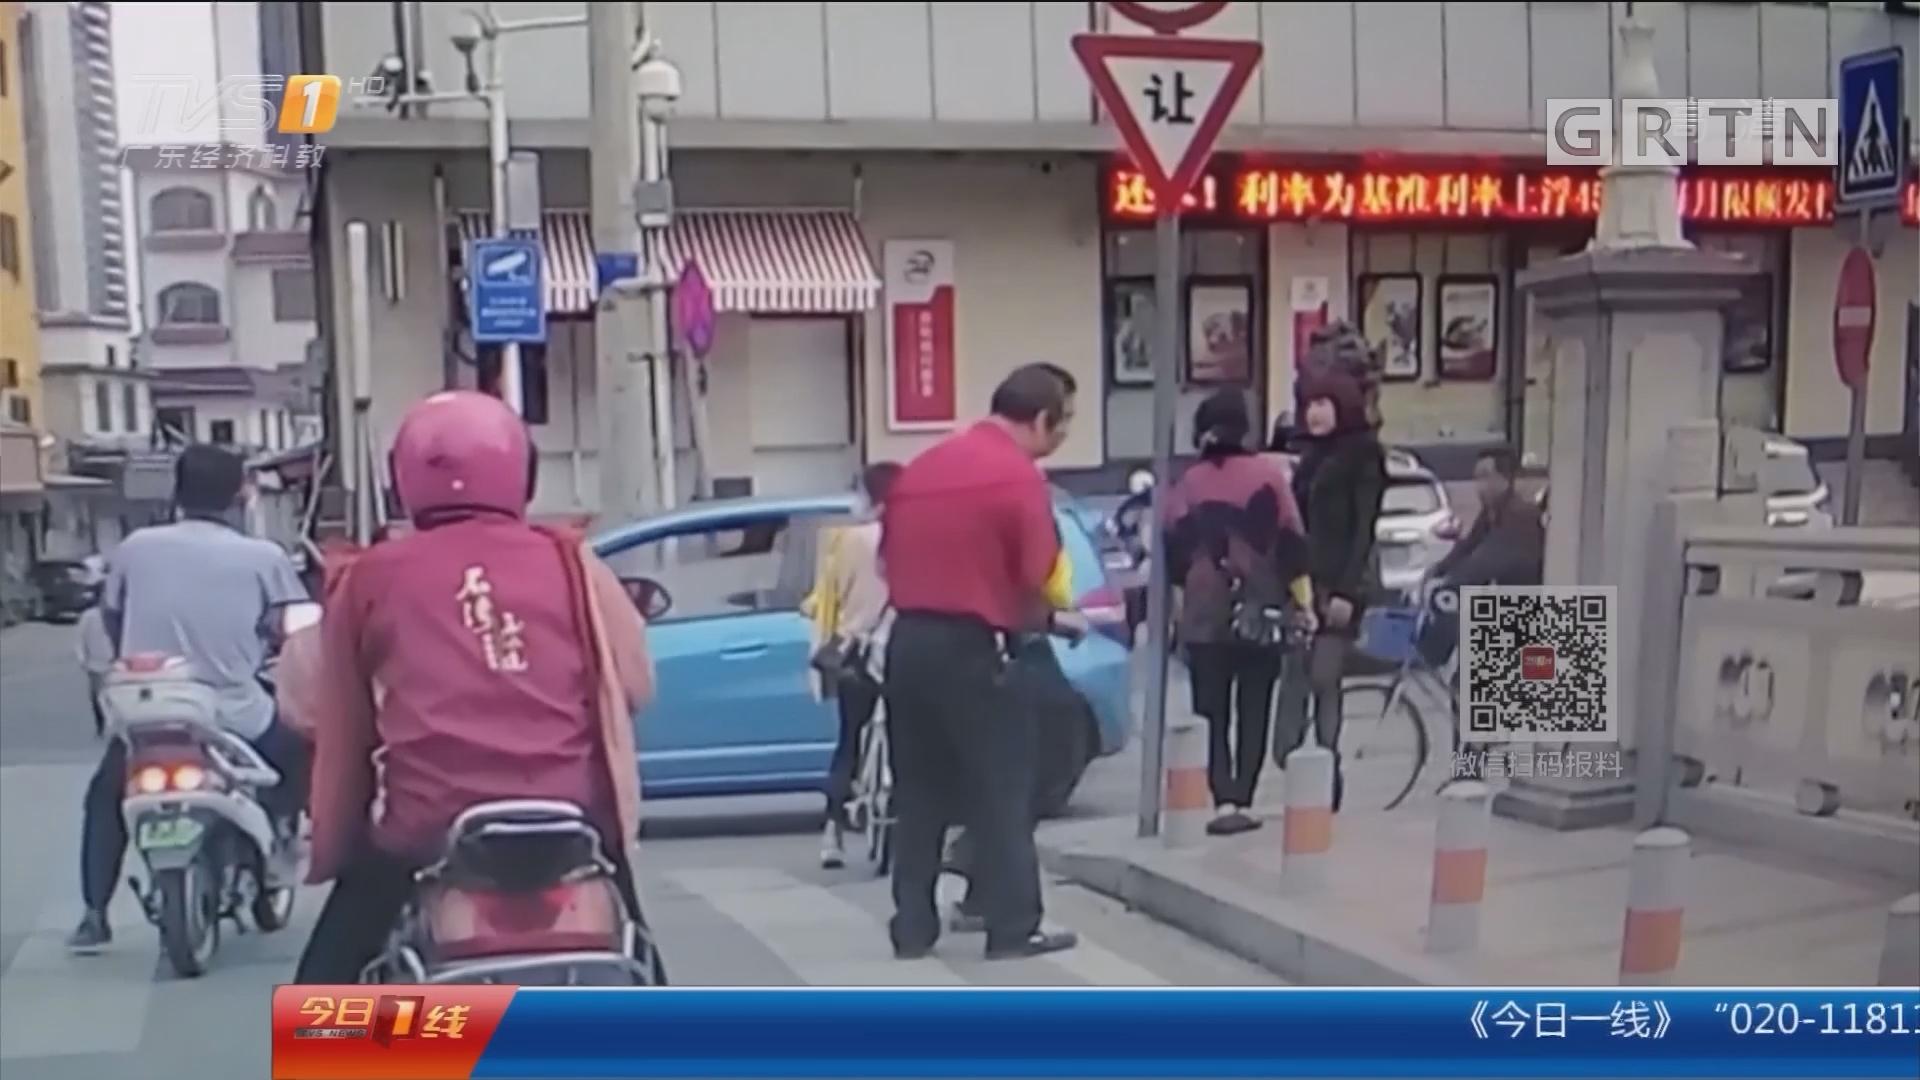 佛山:老人过马路腿脚不便 公交司机搀扶护送